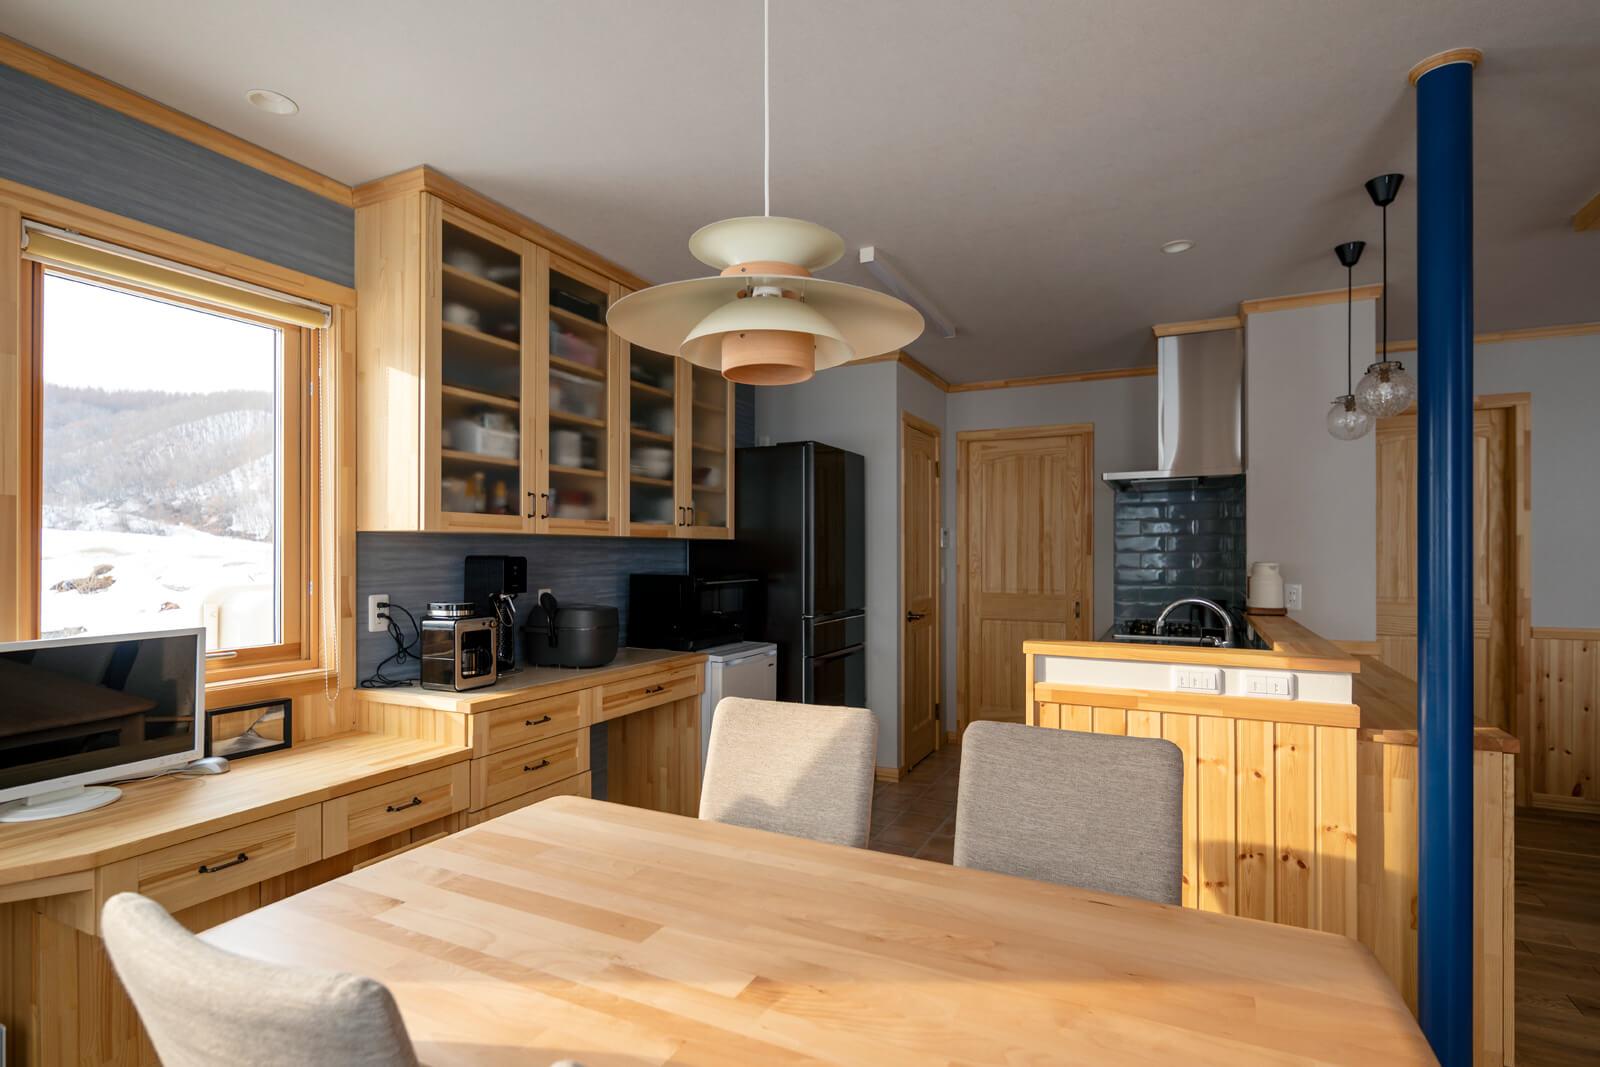 造作背面収納のおかげでスッキリとしたキッチン。奥のドアは農家玄関につながる。この動線のおかげで作業から帰ってきて最短ルートで料理ができる